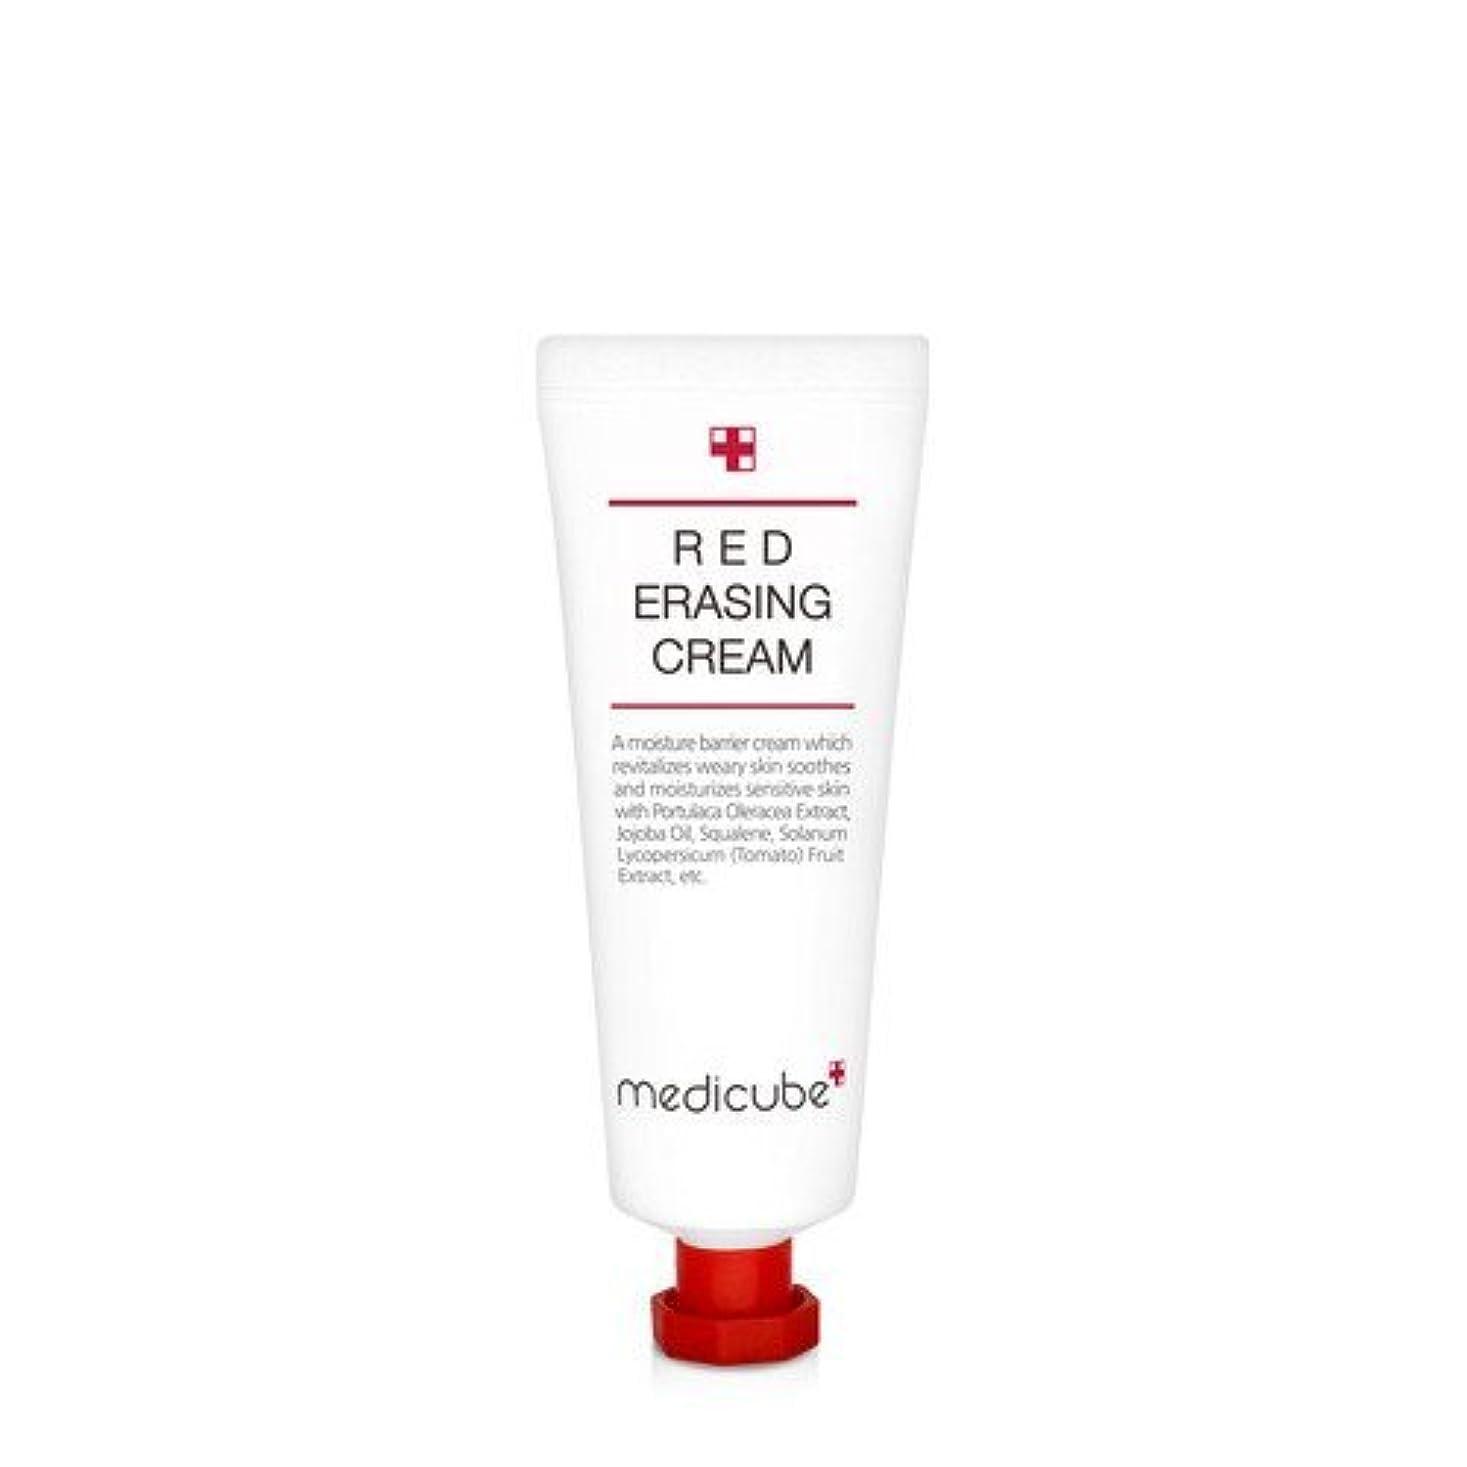 体こどもセンター氷[Medicube]Red Erasing Cream 50g / メディキューブレッドイレイジングクリーム / 正品?海外直送商品 [並行輸入品]